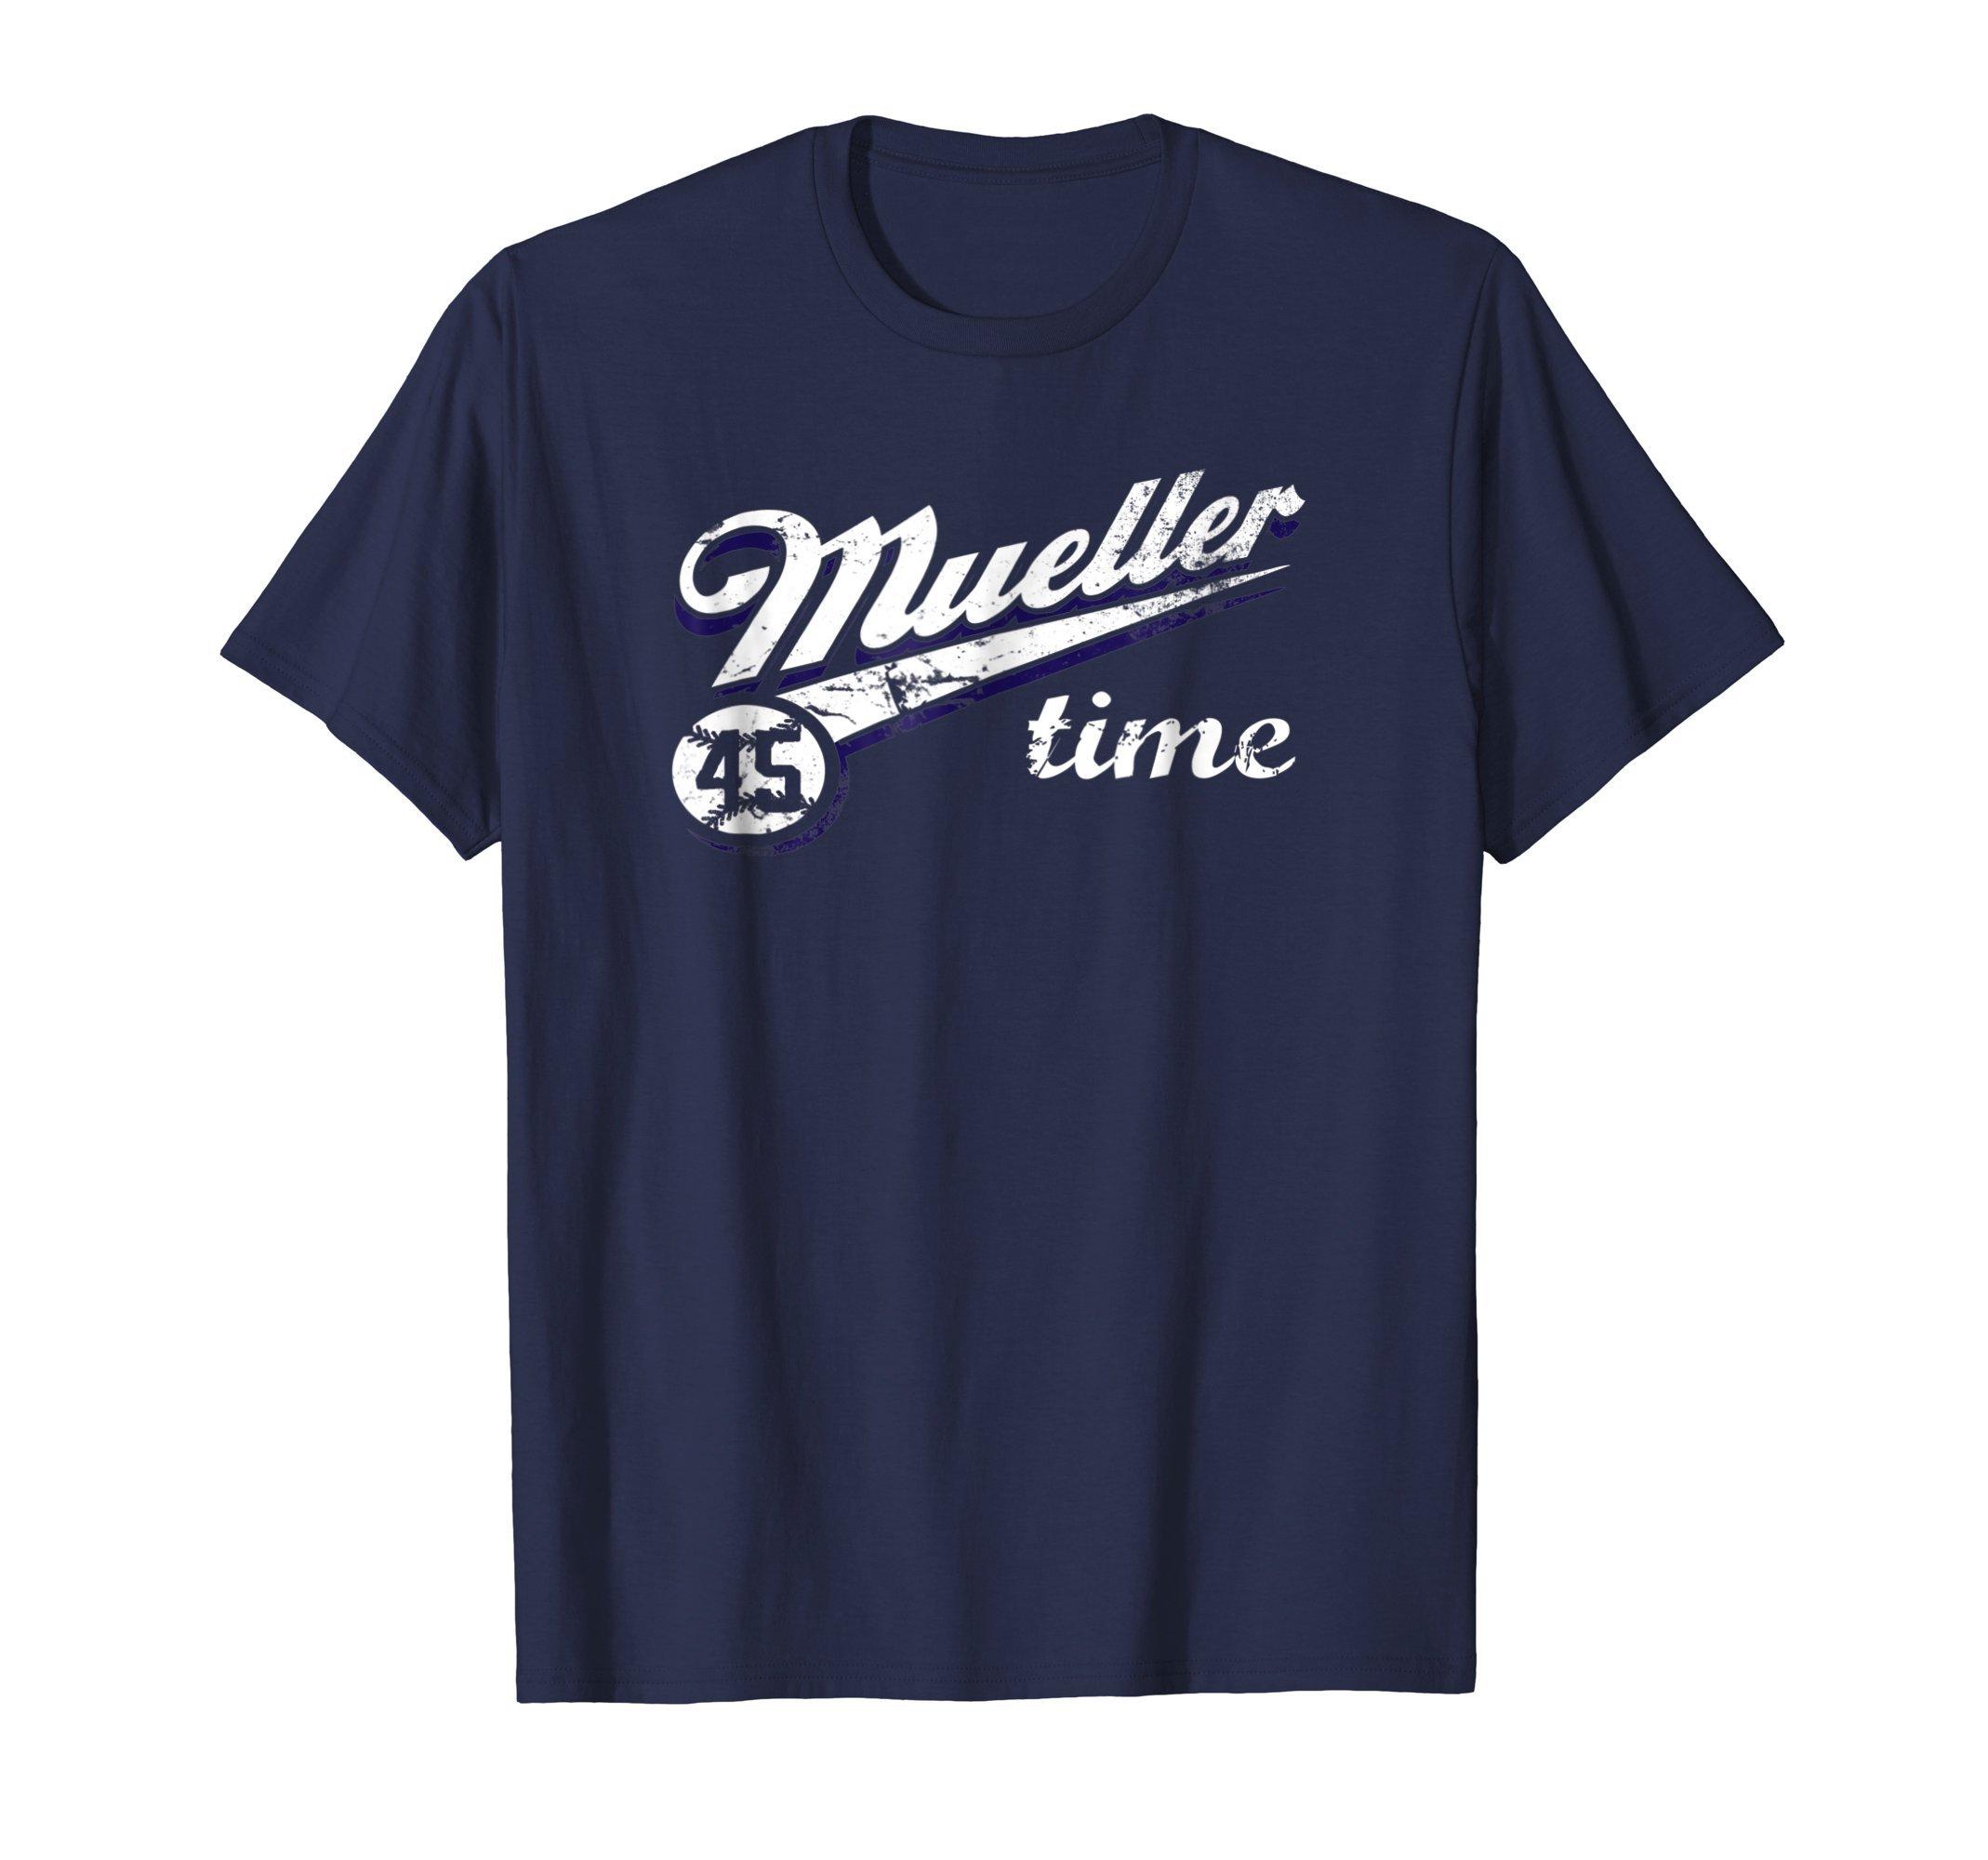 Mueller Time Anti Trump 2018 Resist TShirt